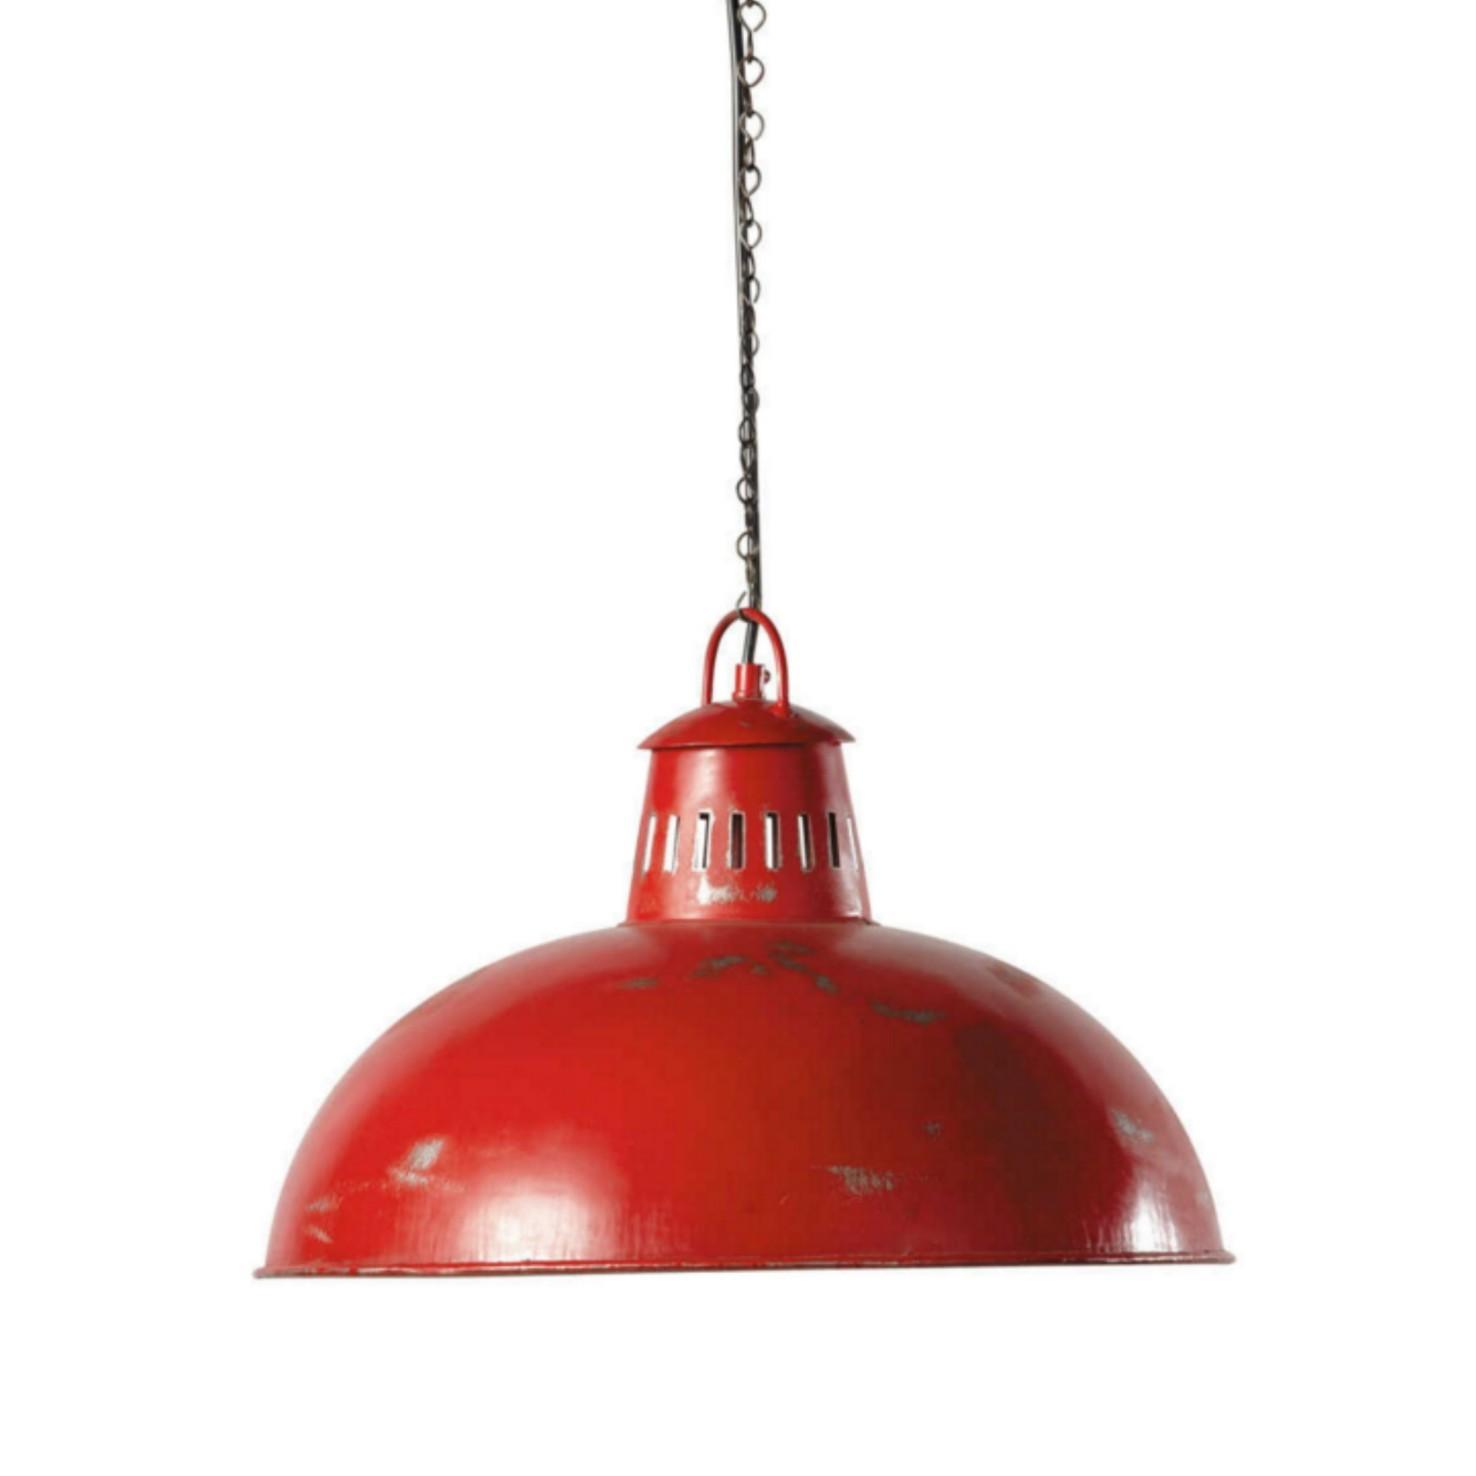 Lampara cocina lampara industrial y aplique vintage - Apliques y lamparas ...